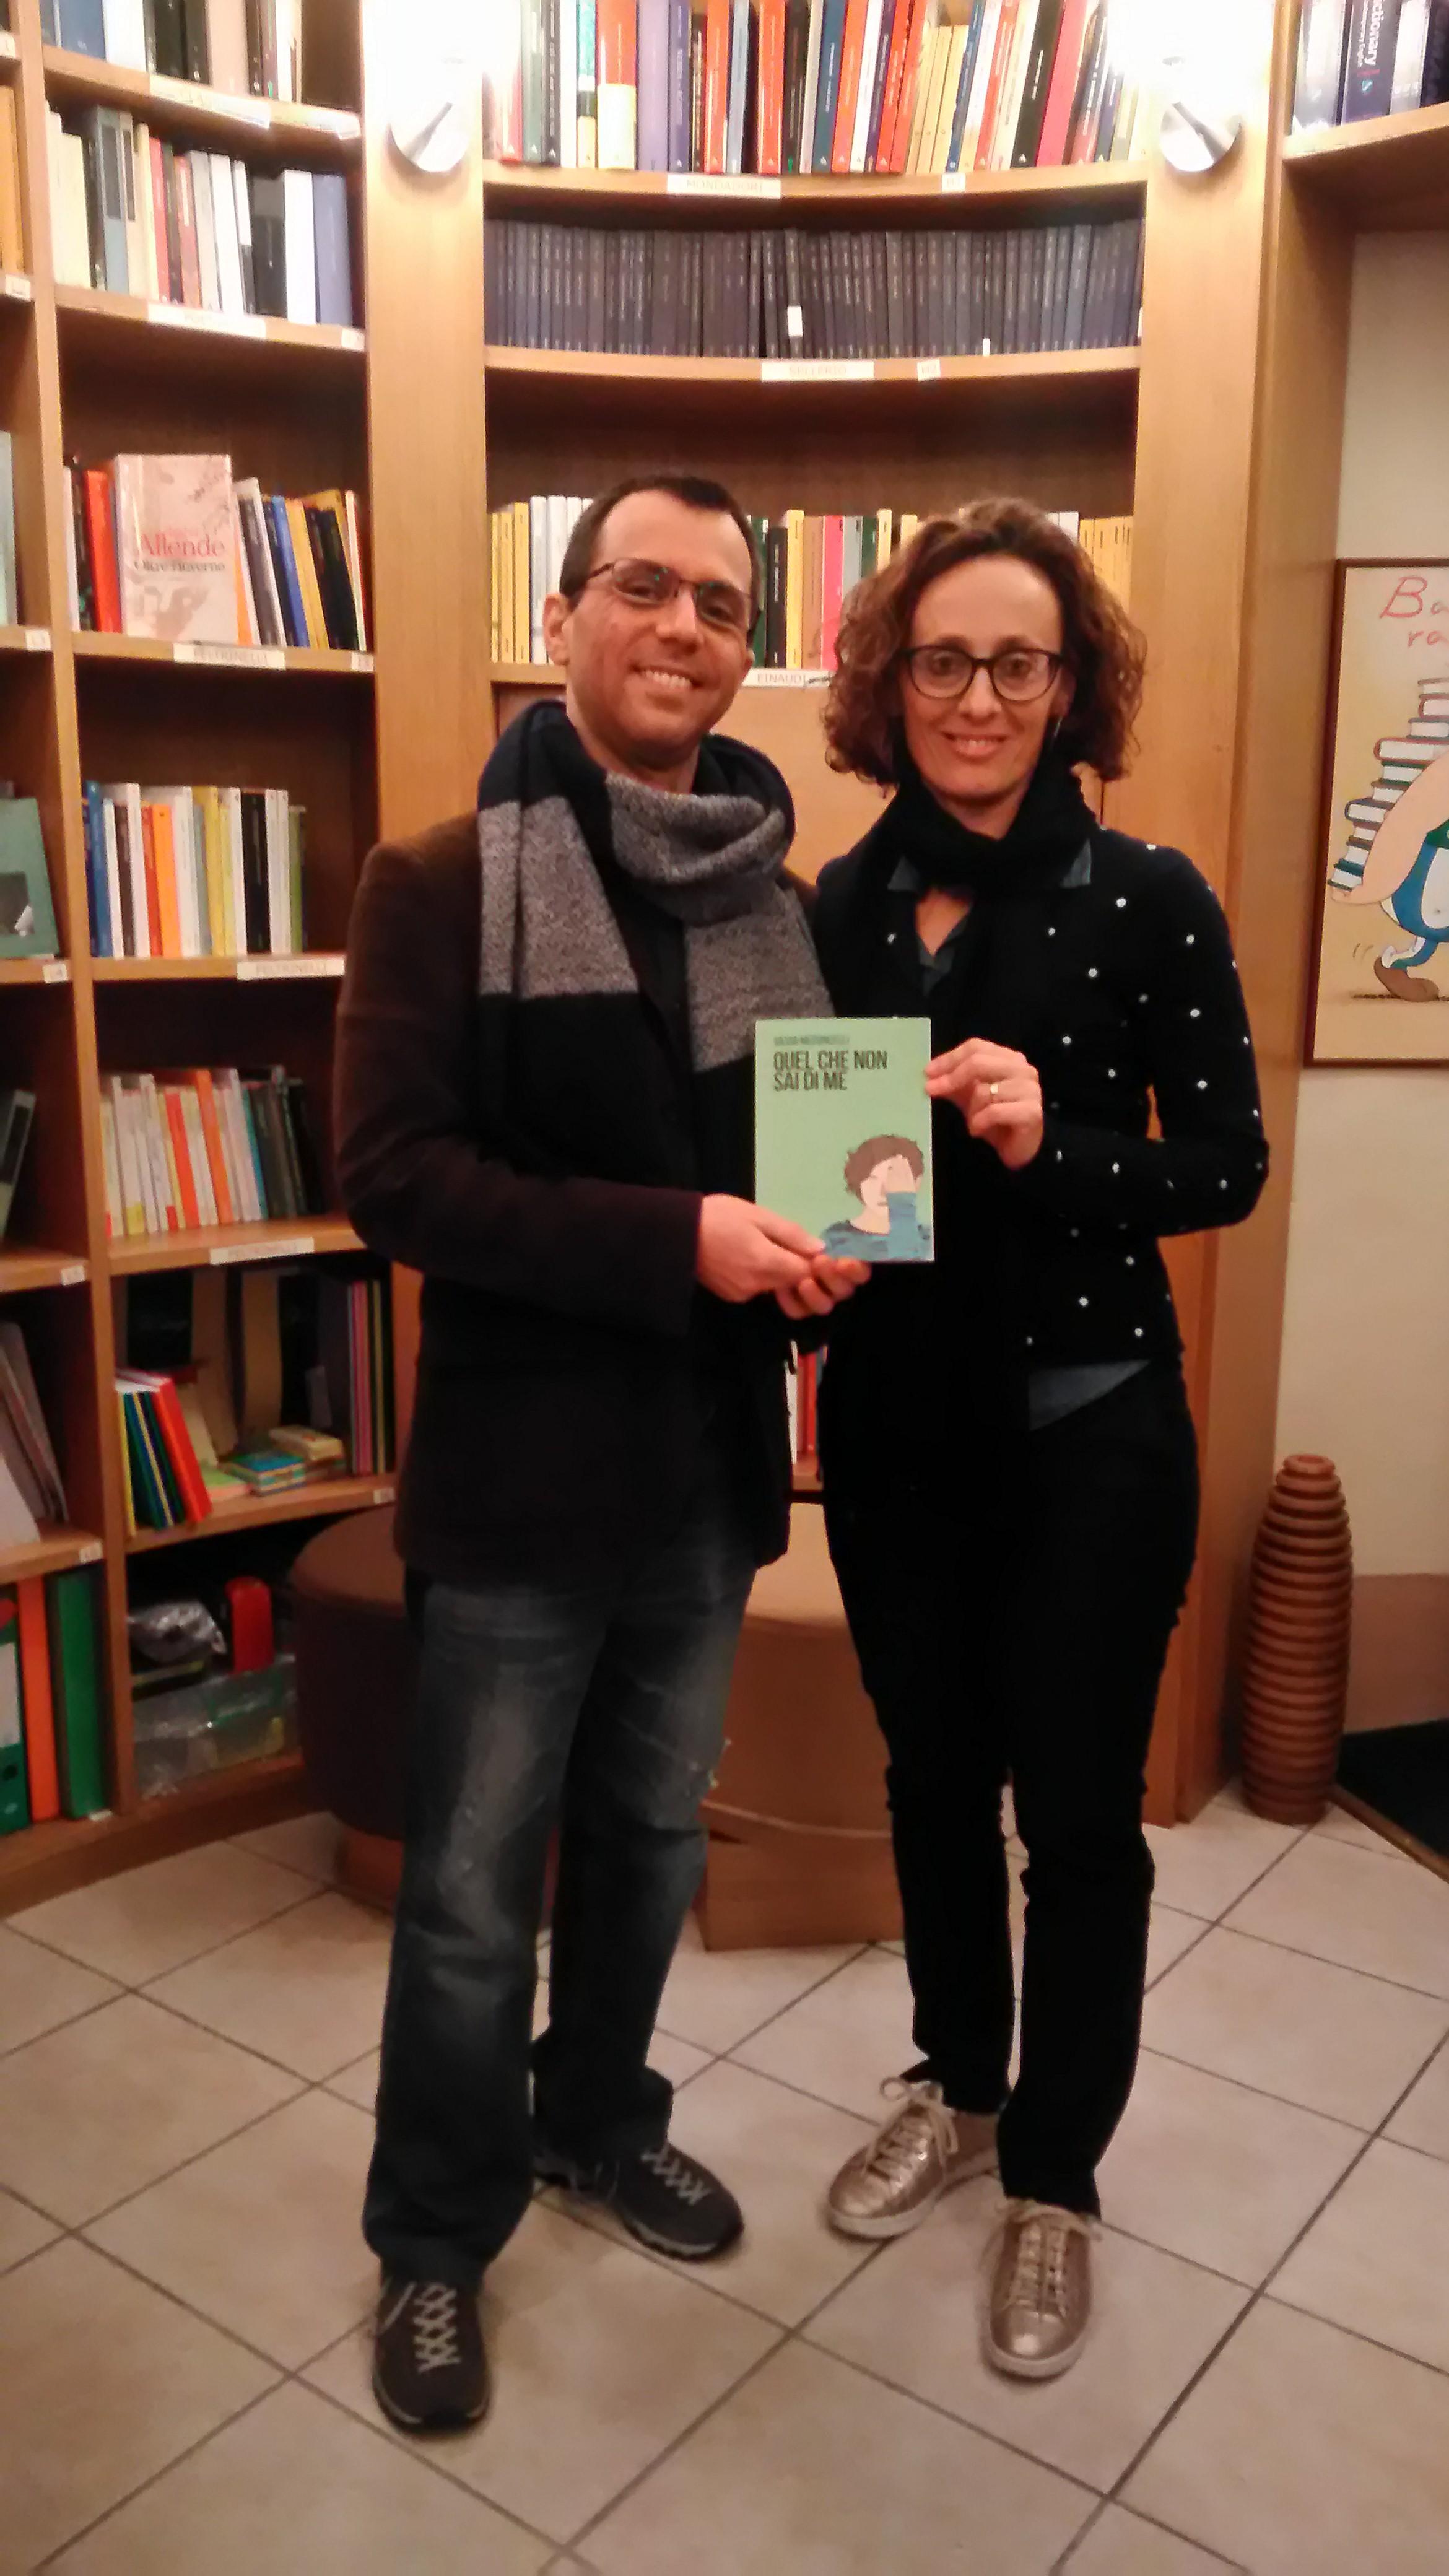 Io, Silvia e il libro